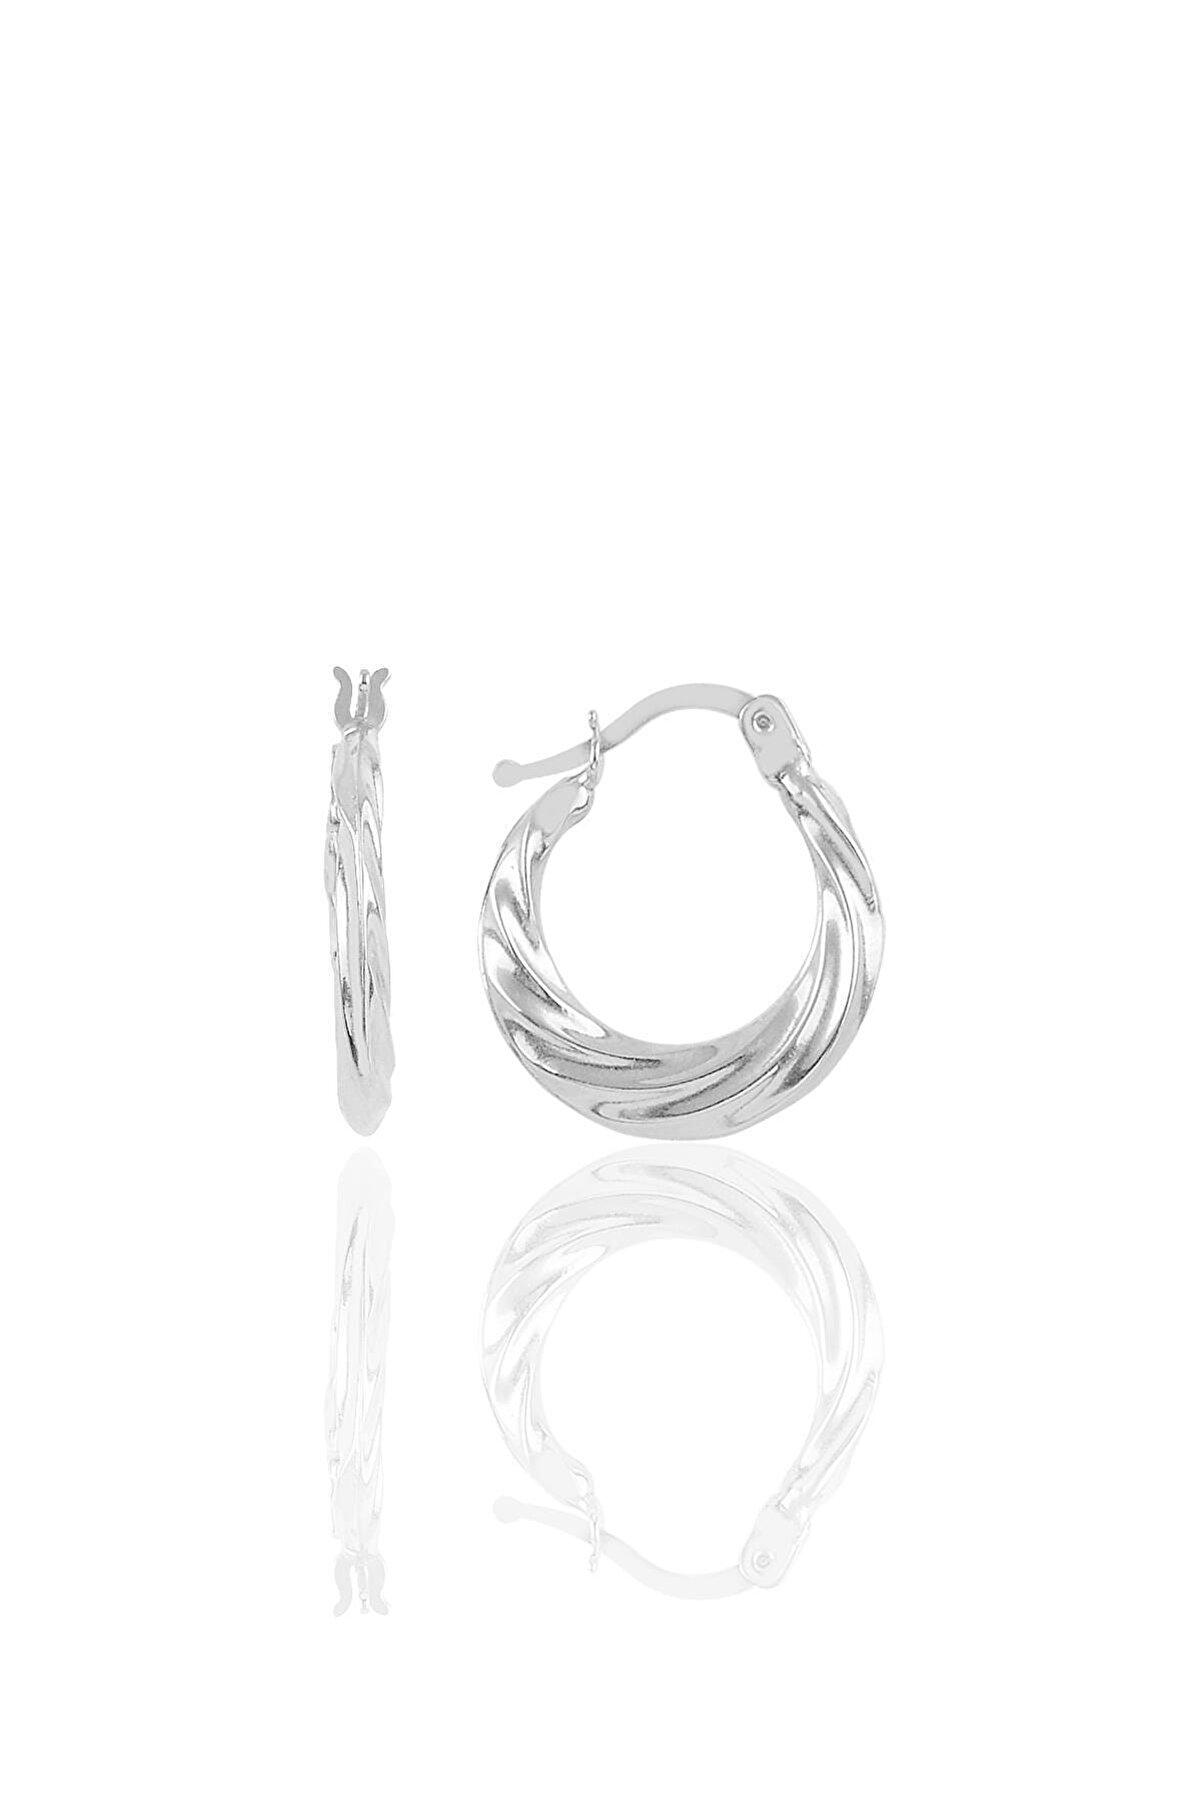 Söğütlü Silver Gümüş Dalgalı Şarnel Küpe